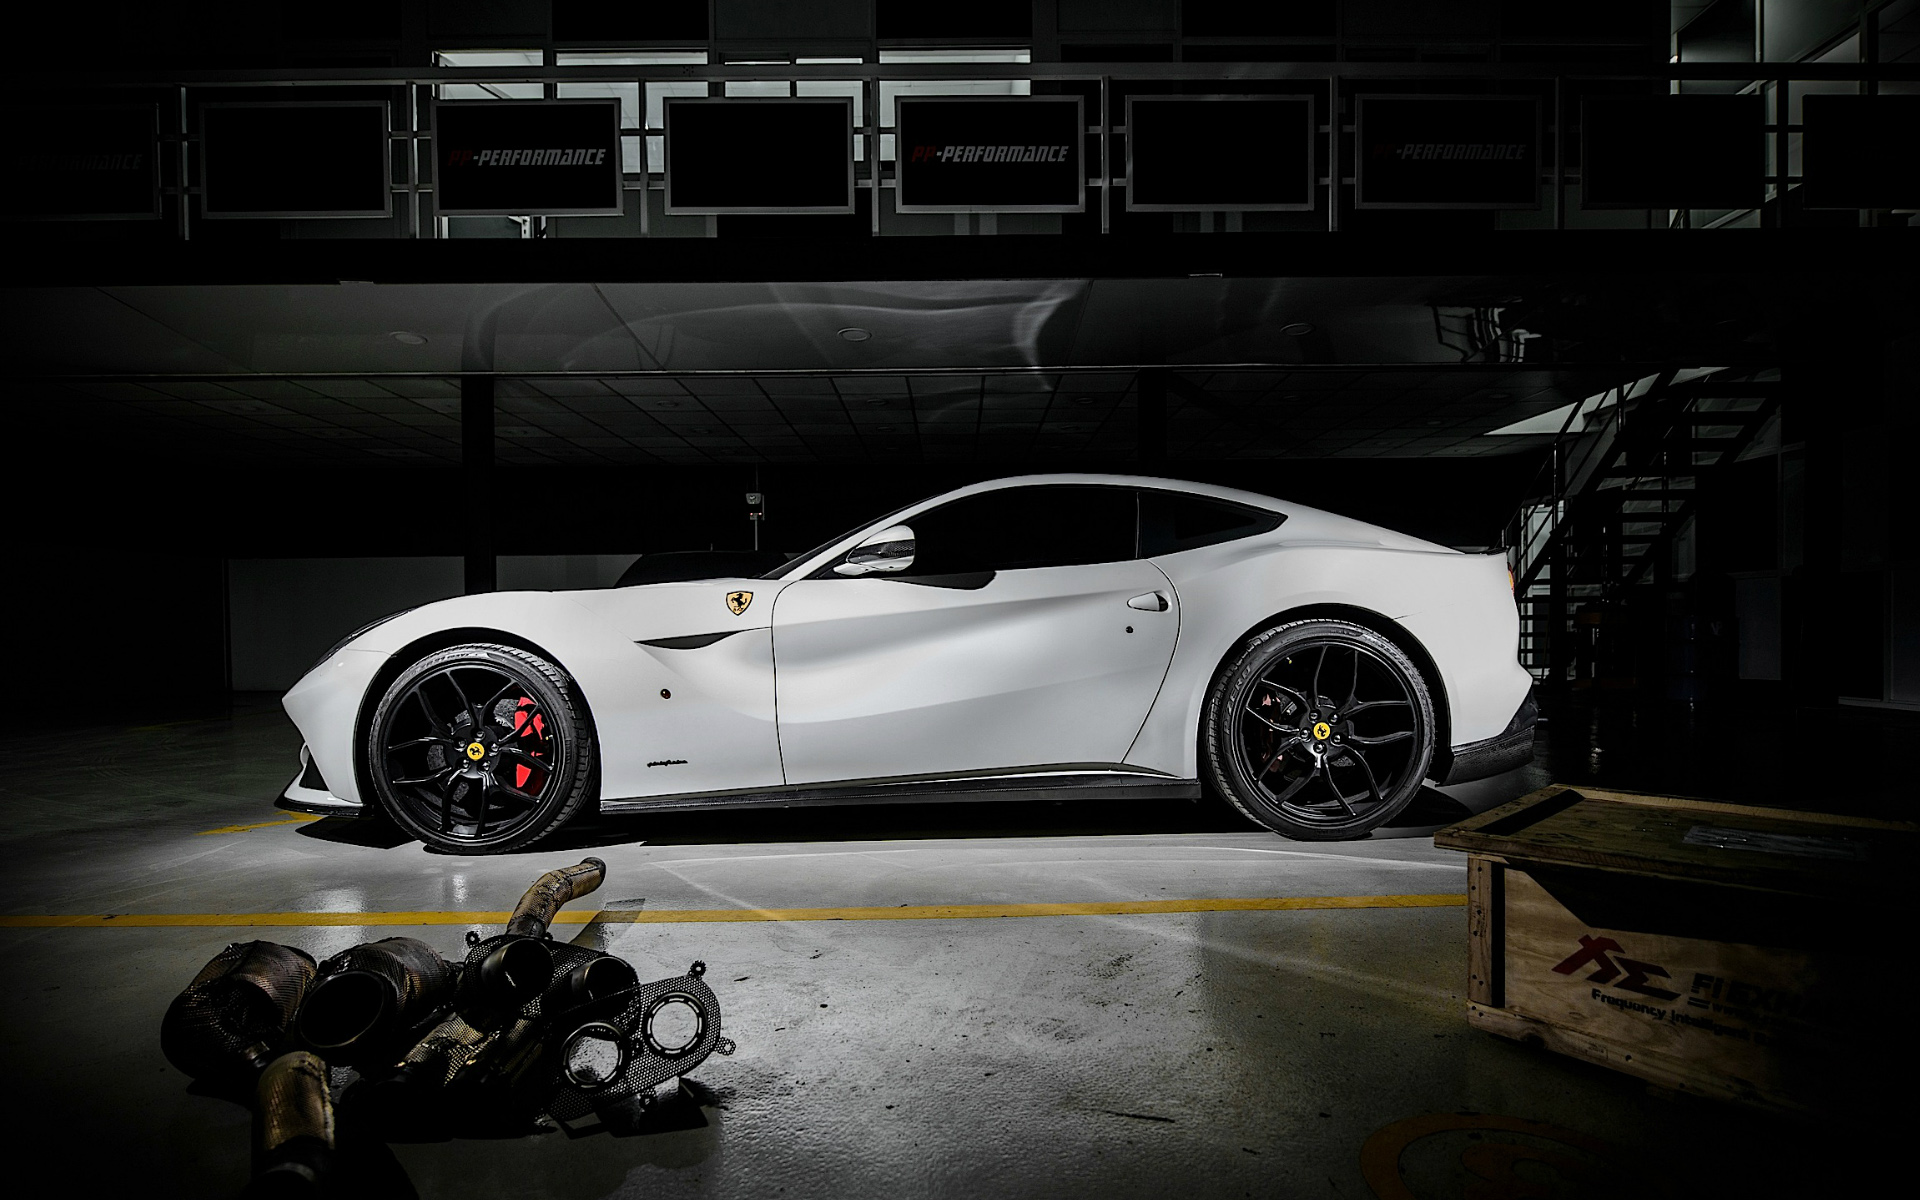 Pp Performance Ferrari F12berlinetta 2 Wallpaper Hd Car